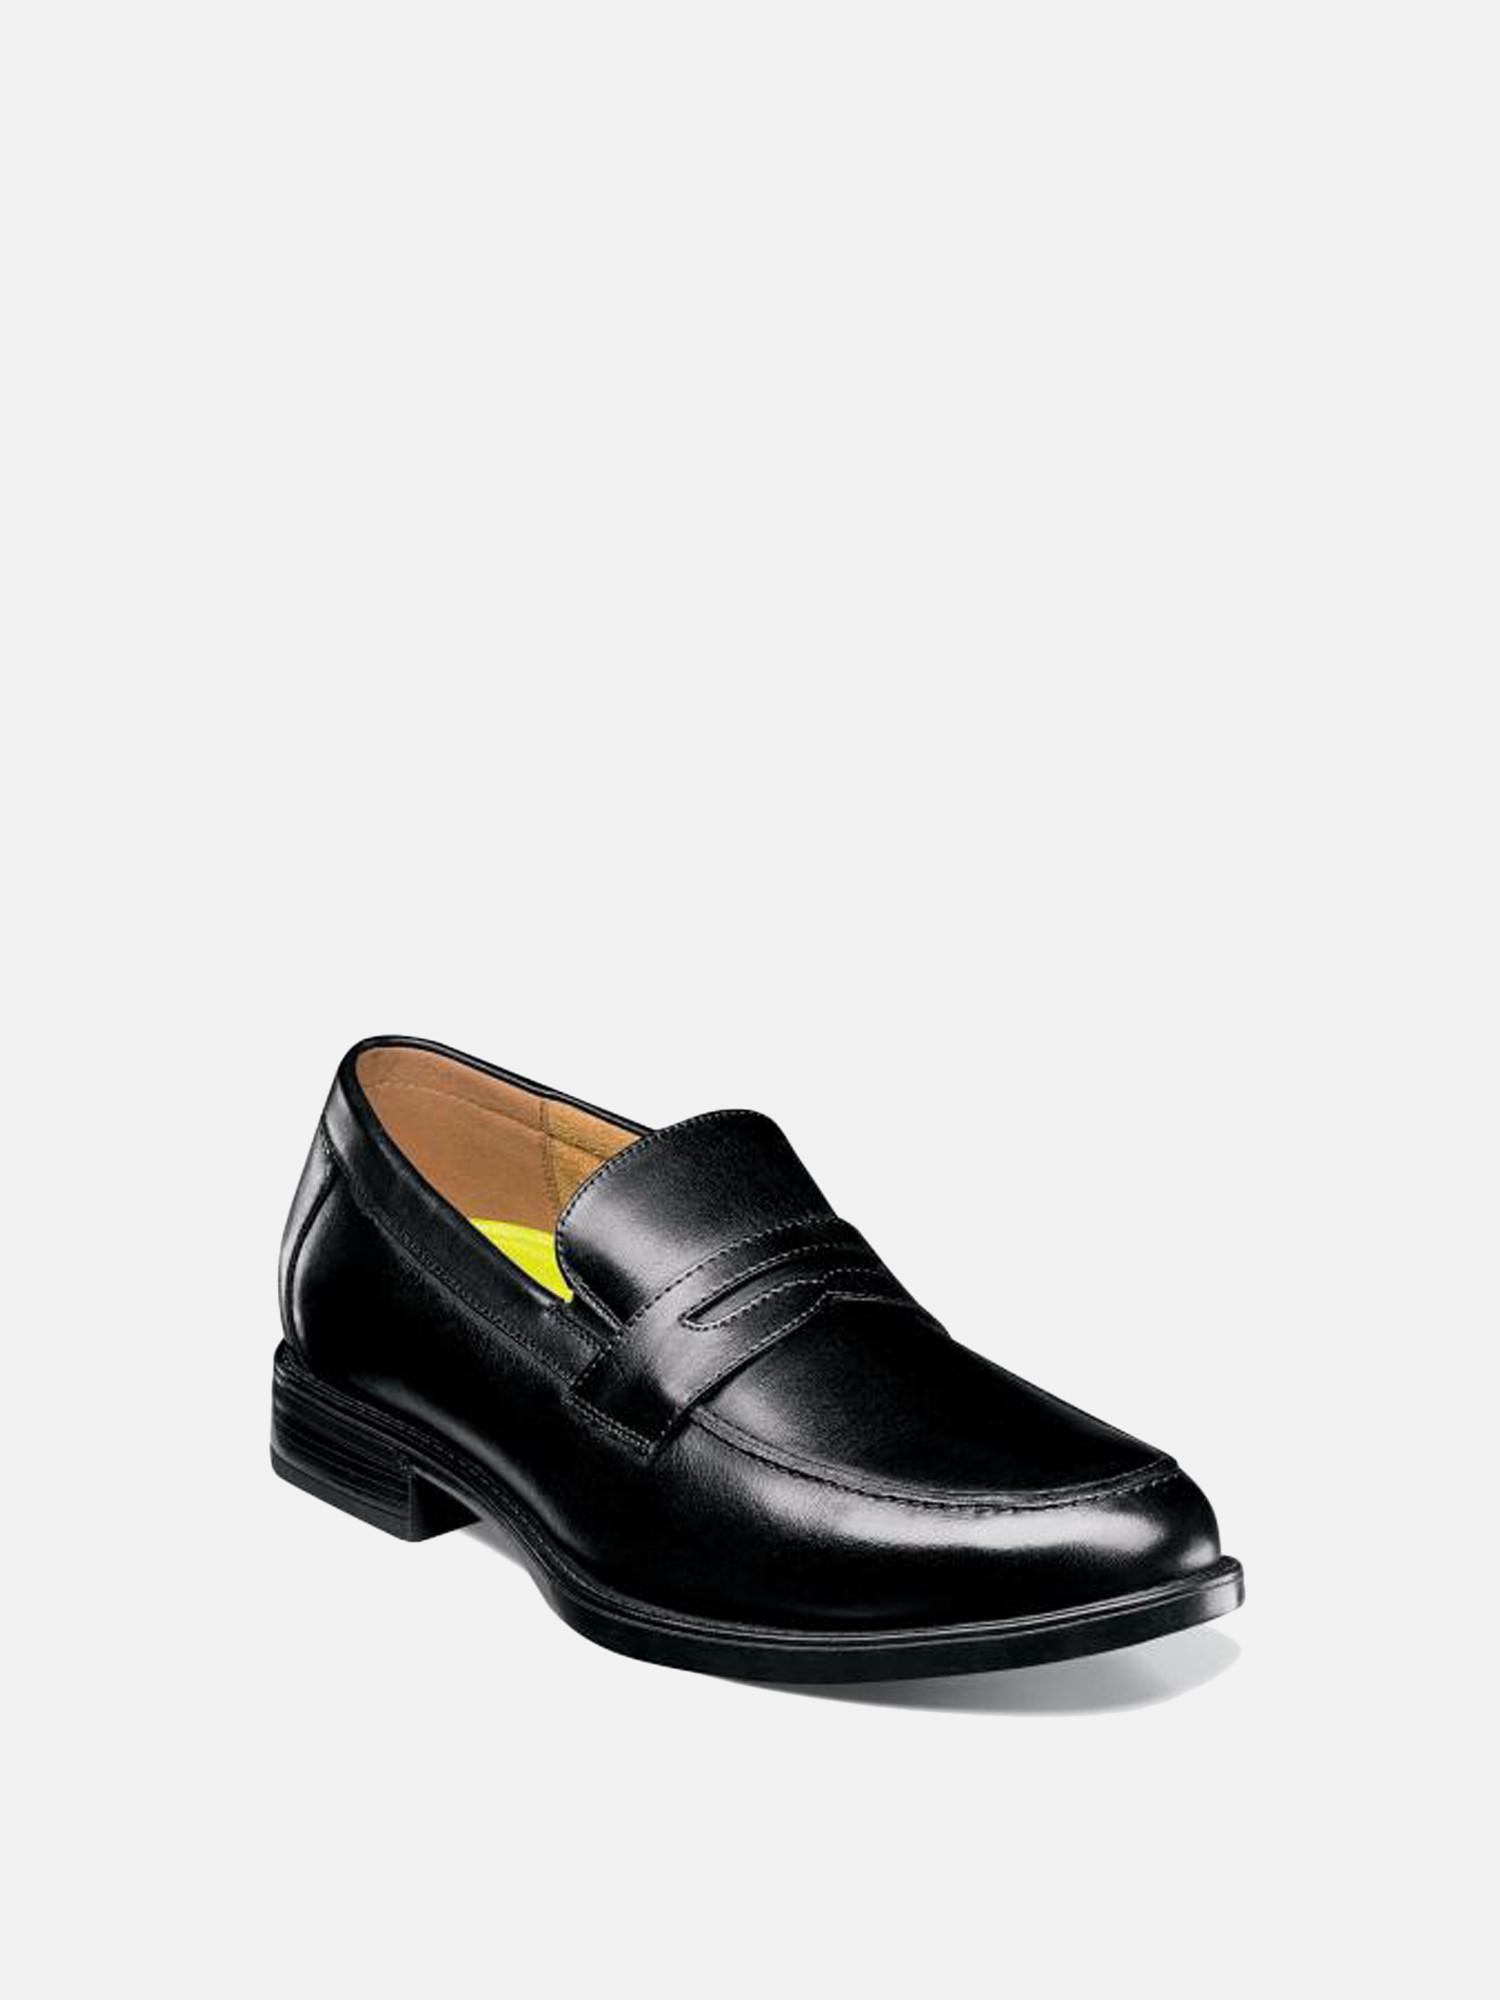 42be816ed16 Lyst - Florsheim Midtown Moc Toe Penny Loafer in Black for Men